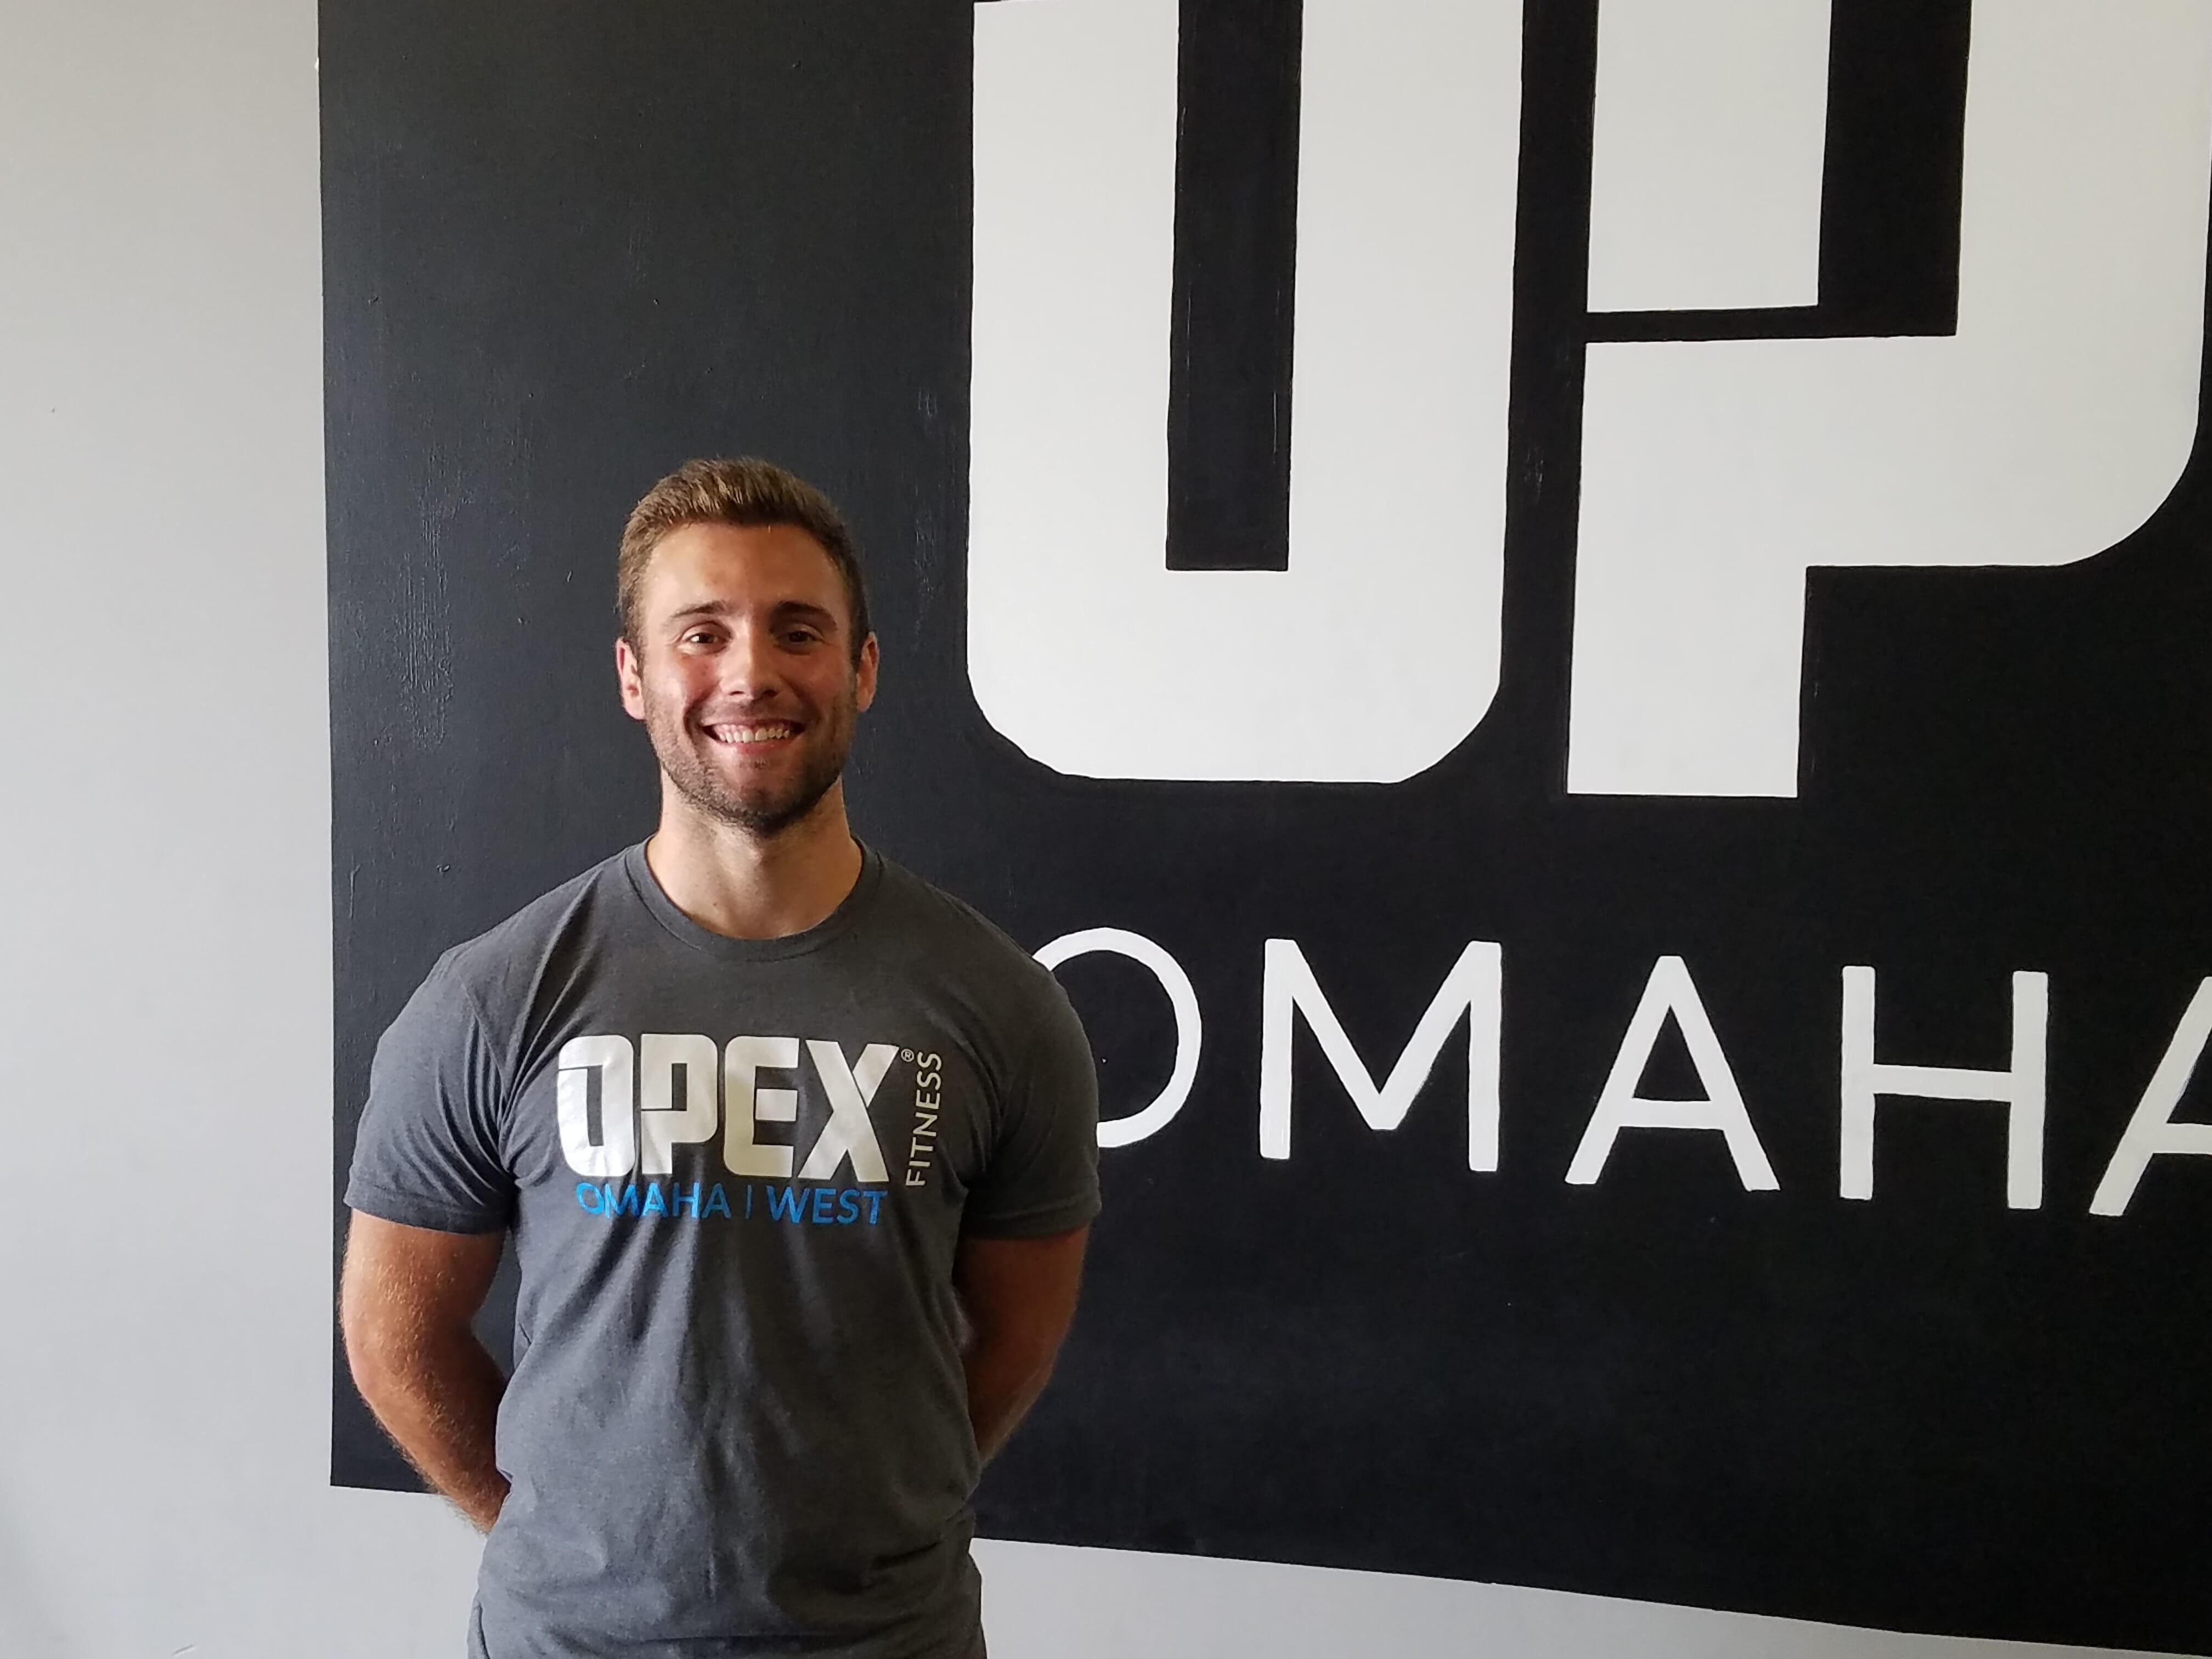 OPEX Omaha West | Zachary Pasano